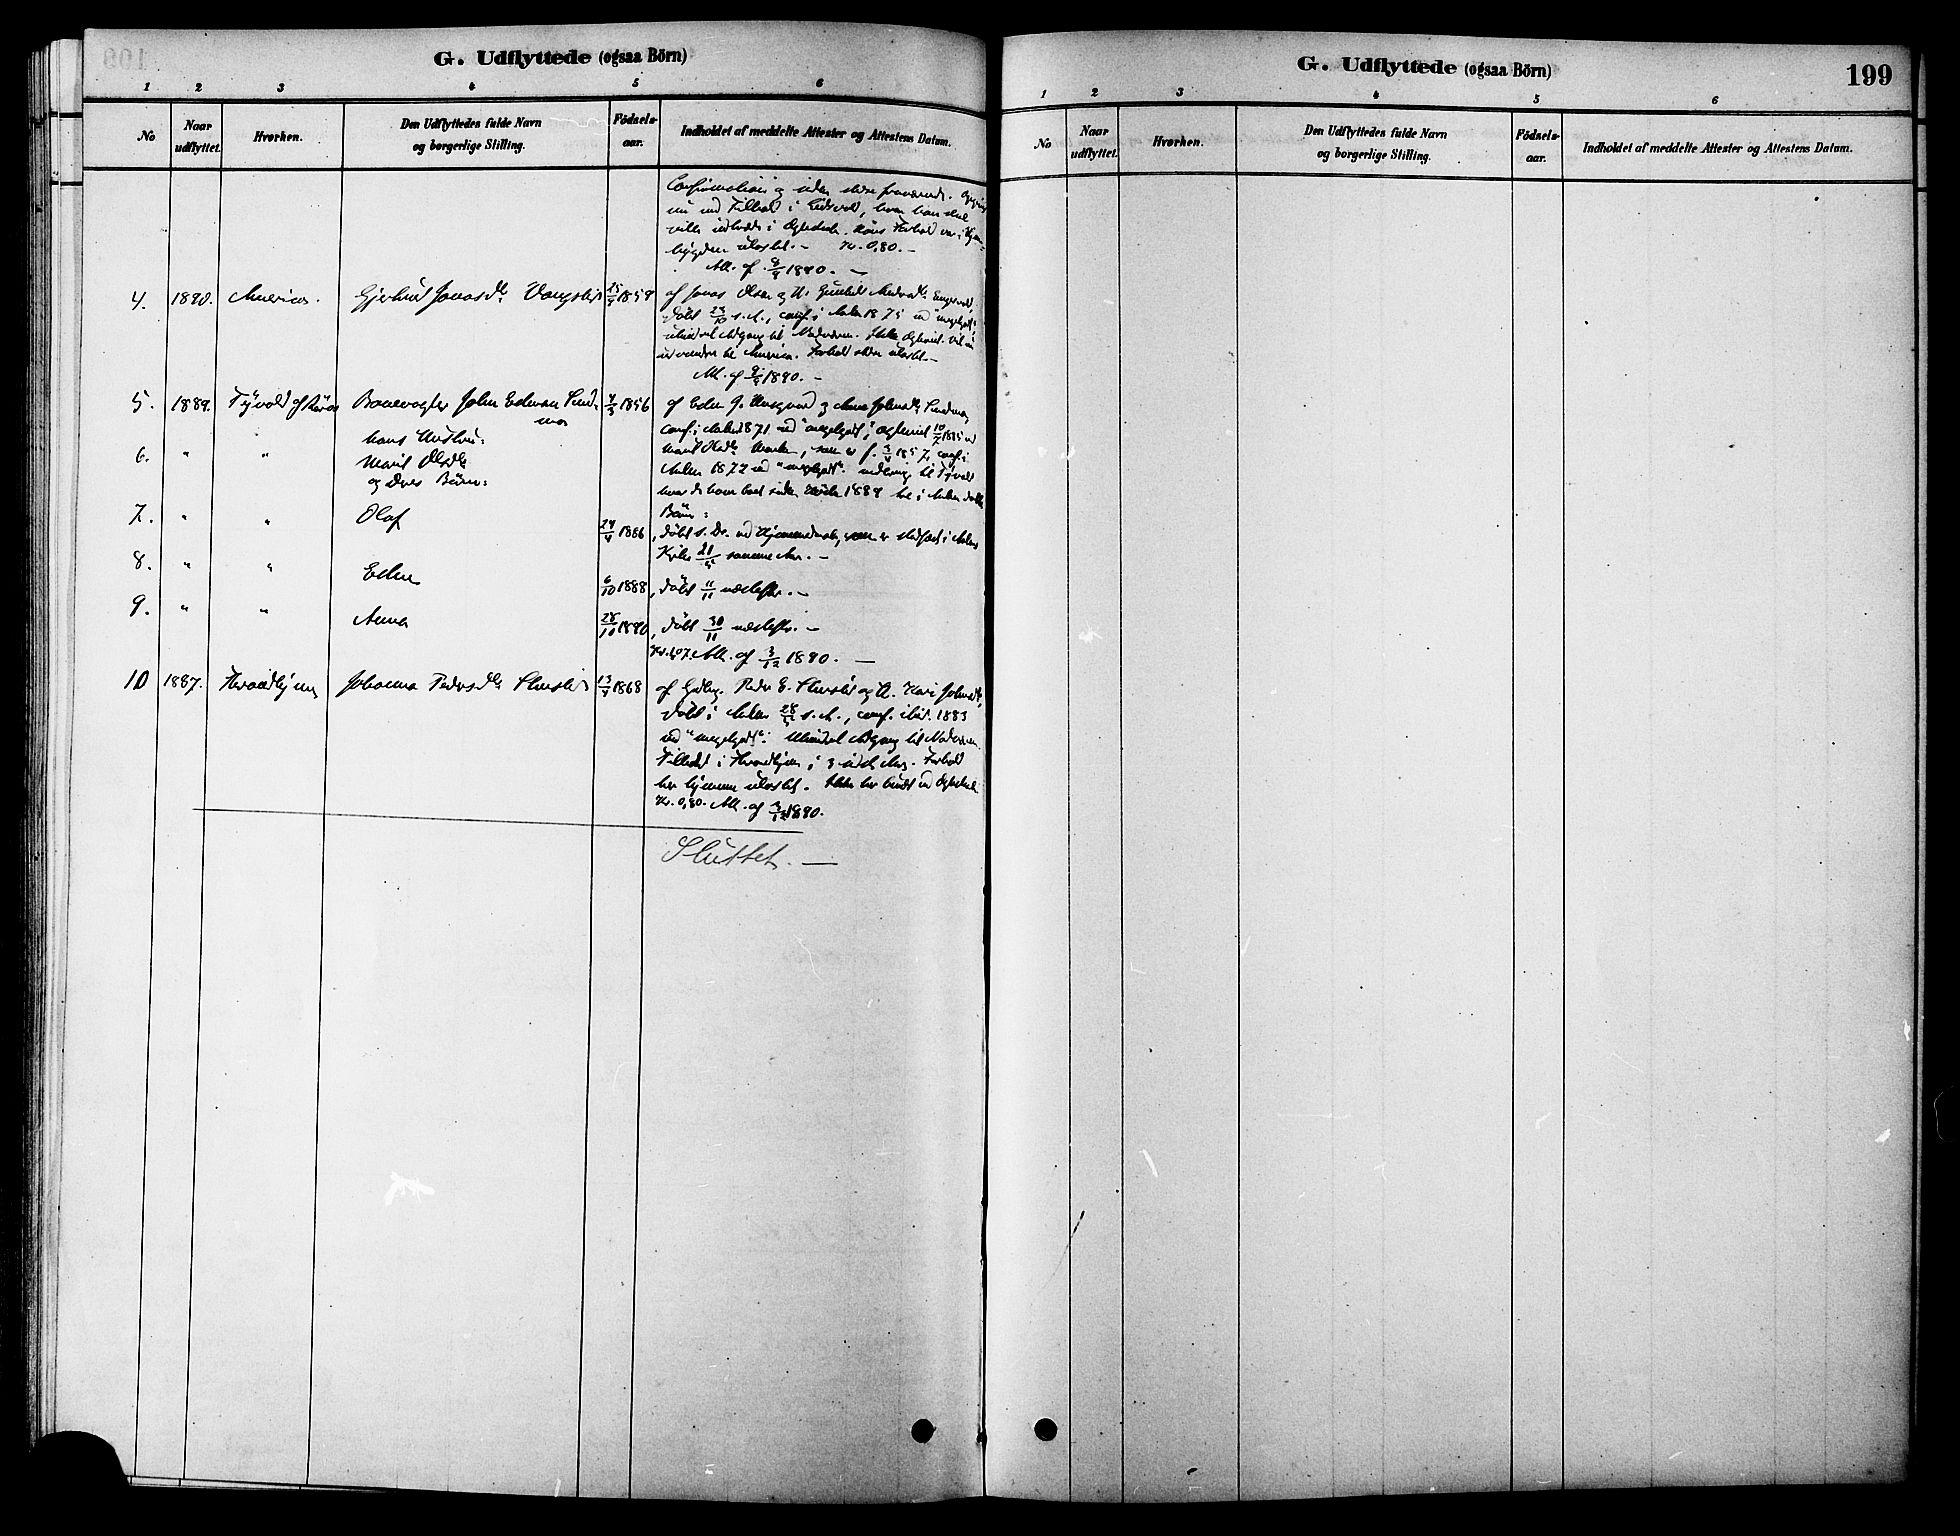 SAT, Ministerialprotokoller, klokkerbøker og fødselsregistre - Sør-Trøndelag, 686/L0983: Ministerialbok nr. 686A01, 1879-1890, s. 199